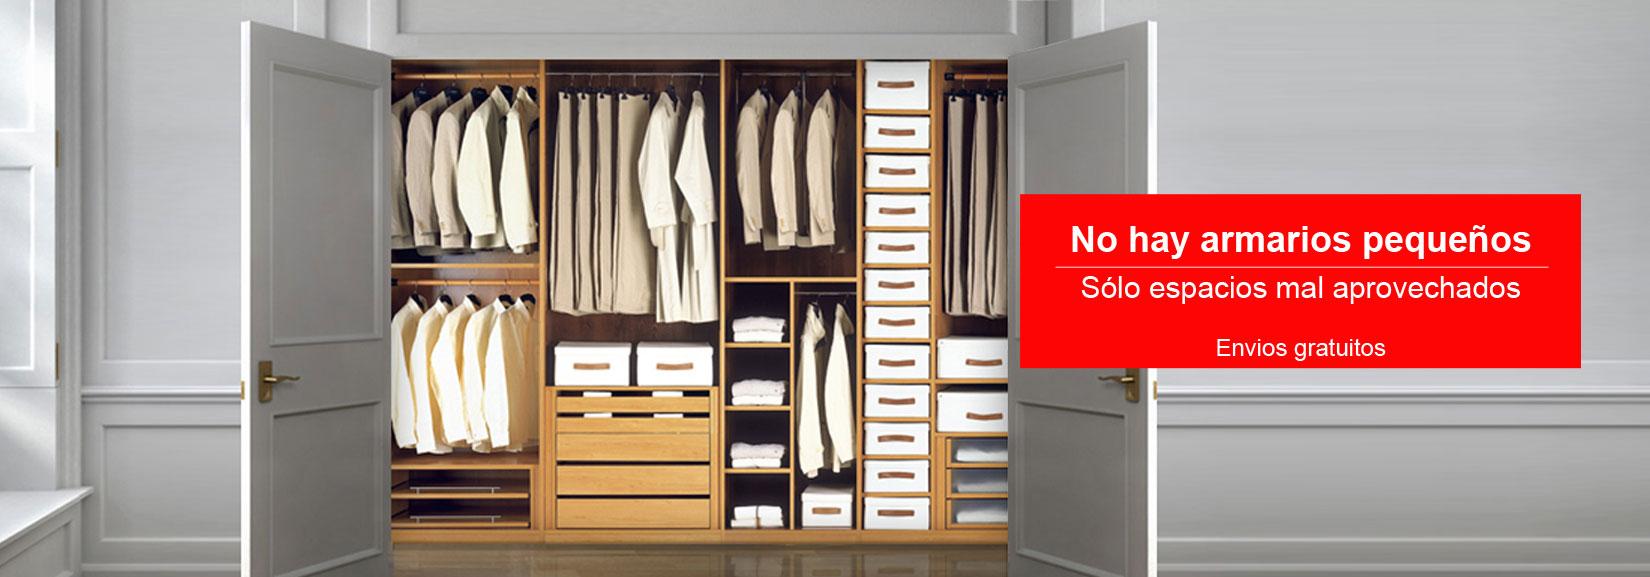 Distribuir armarios por dentro leroymerlin with - Distribuir armario empotrado ...